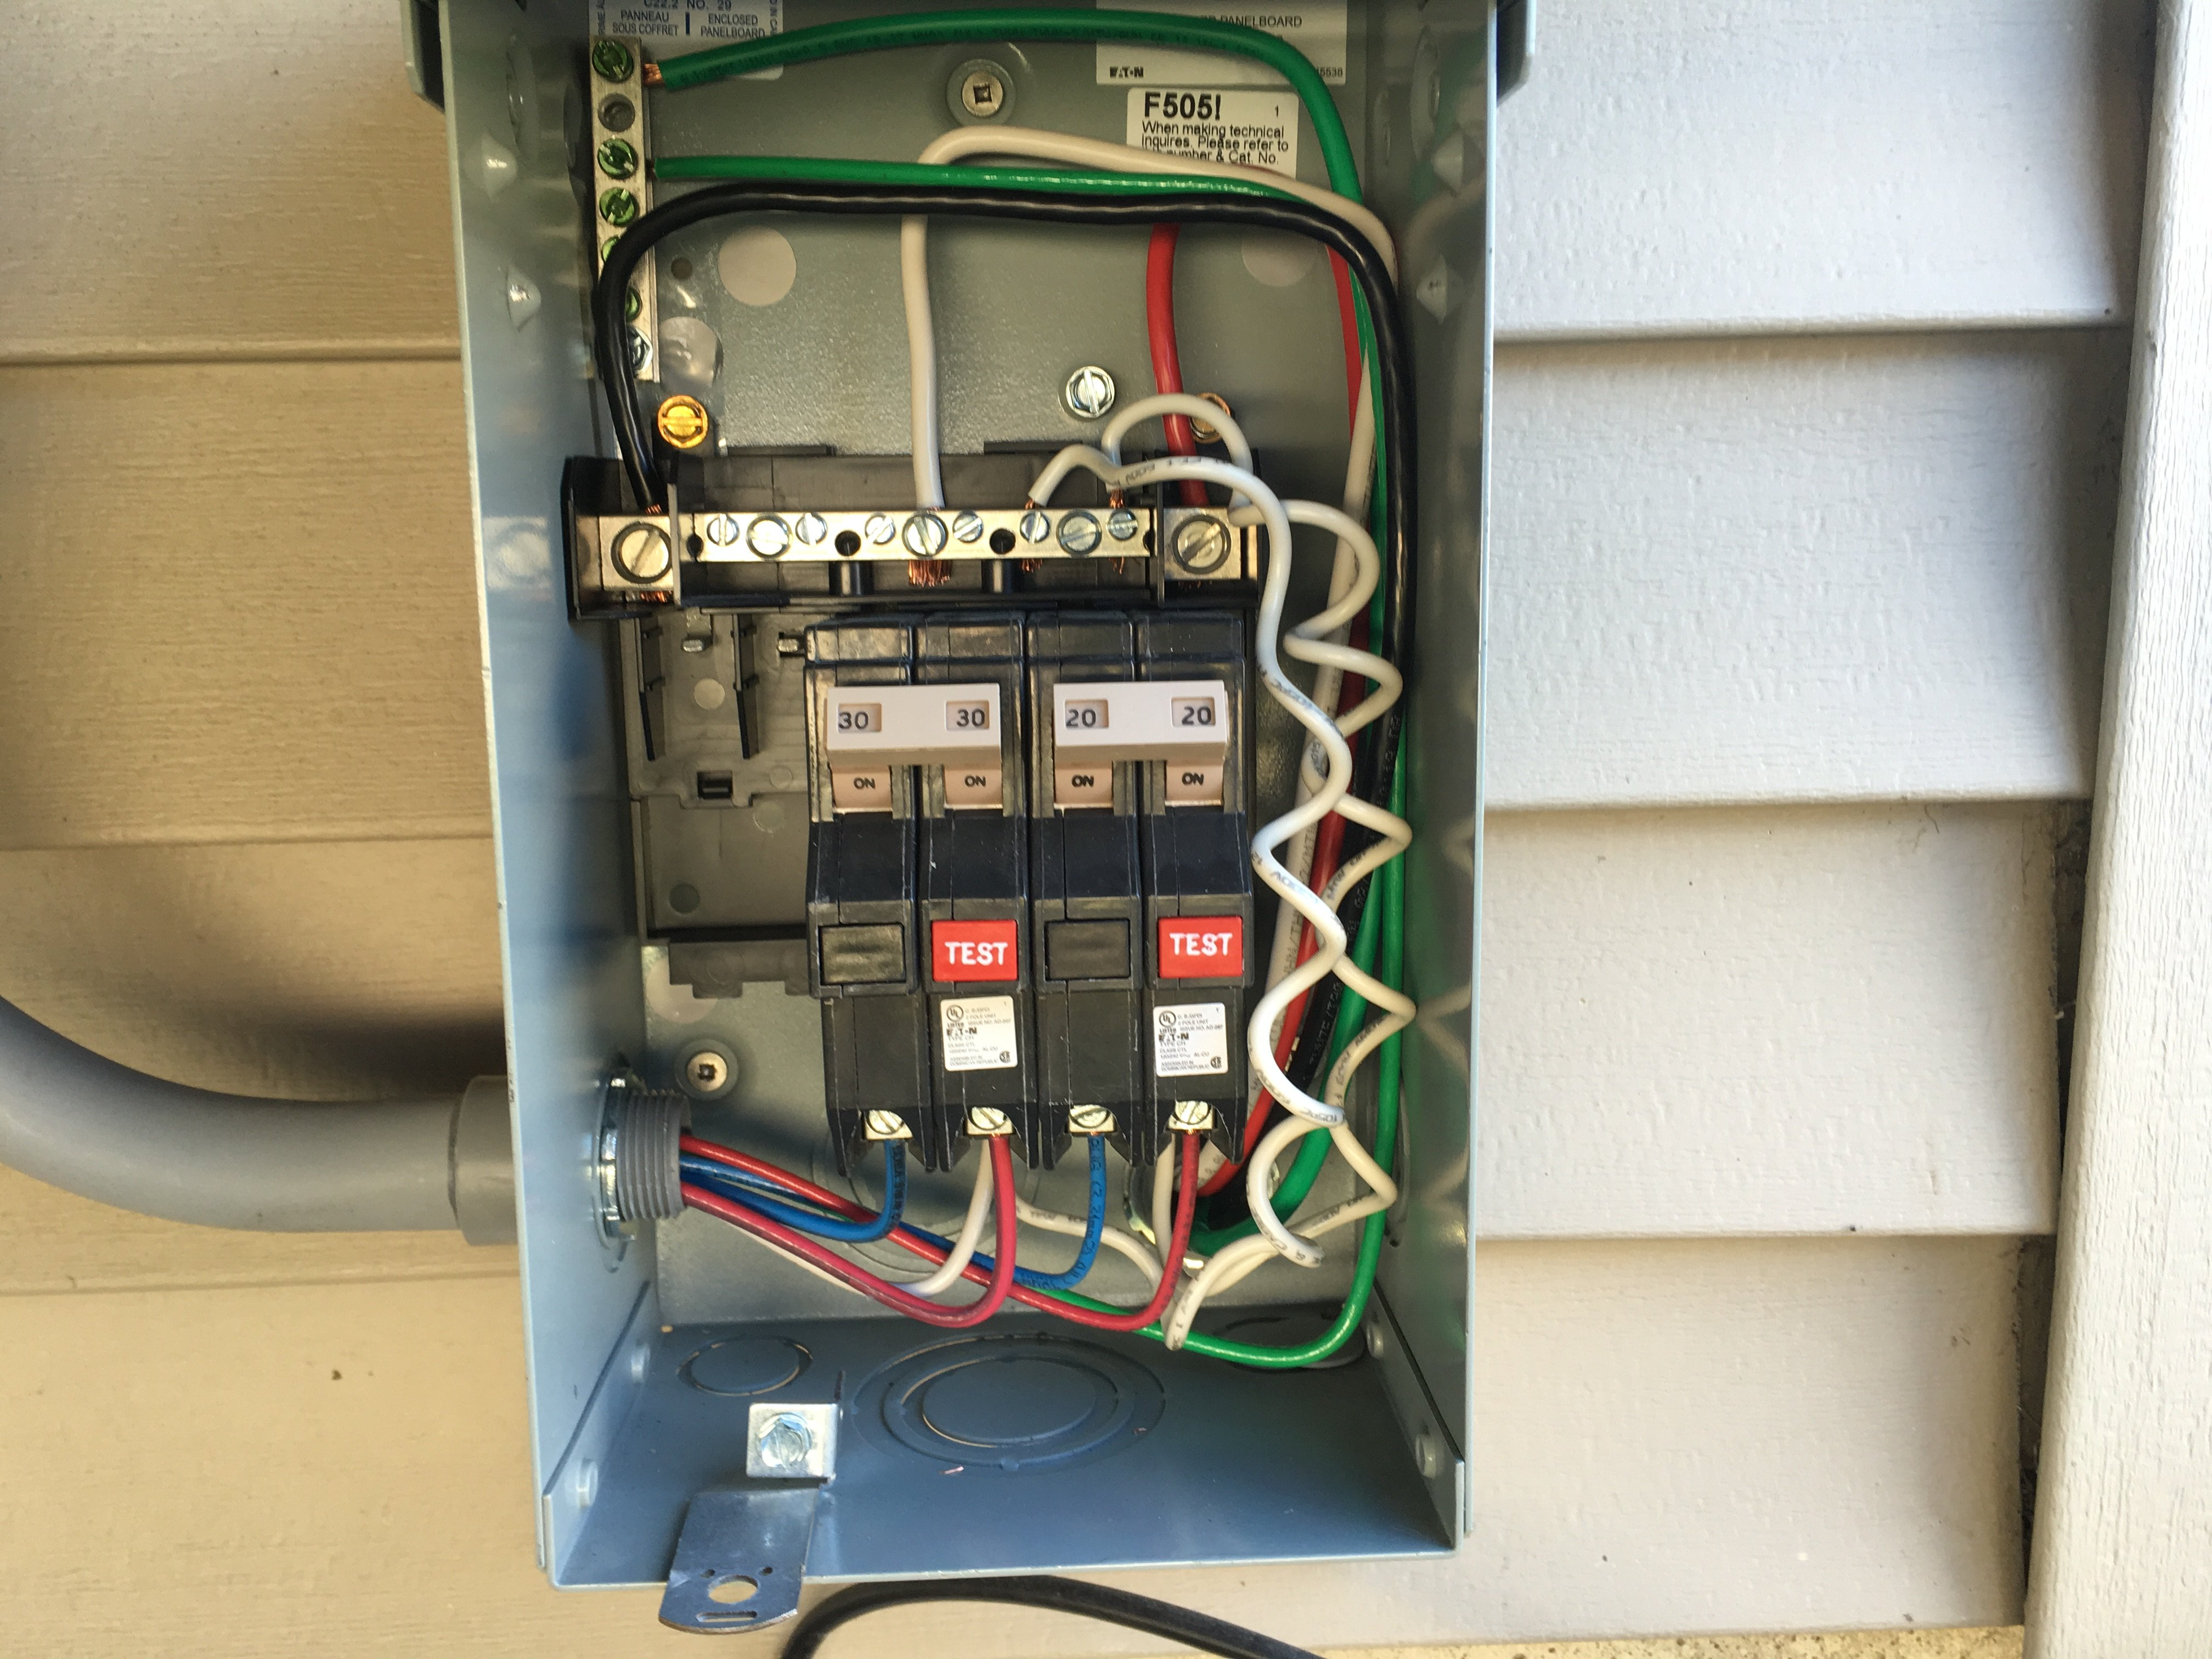 hot springs vanguard wiring diagram 2017 hot springs envoy wiring diagram